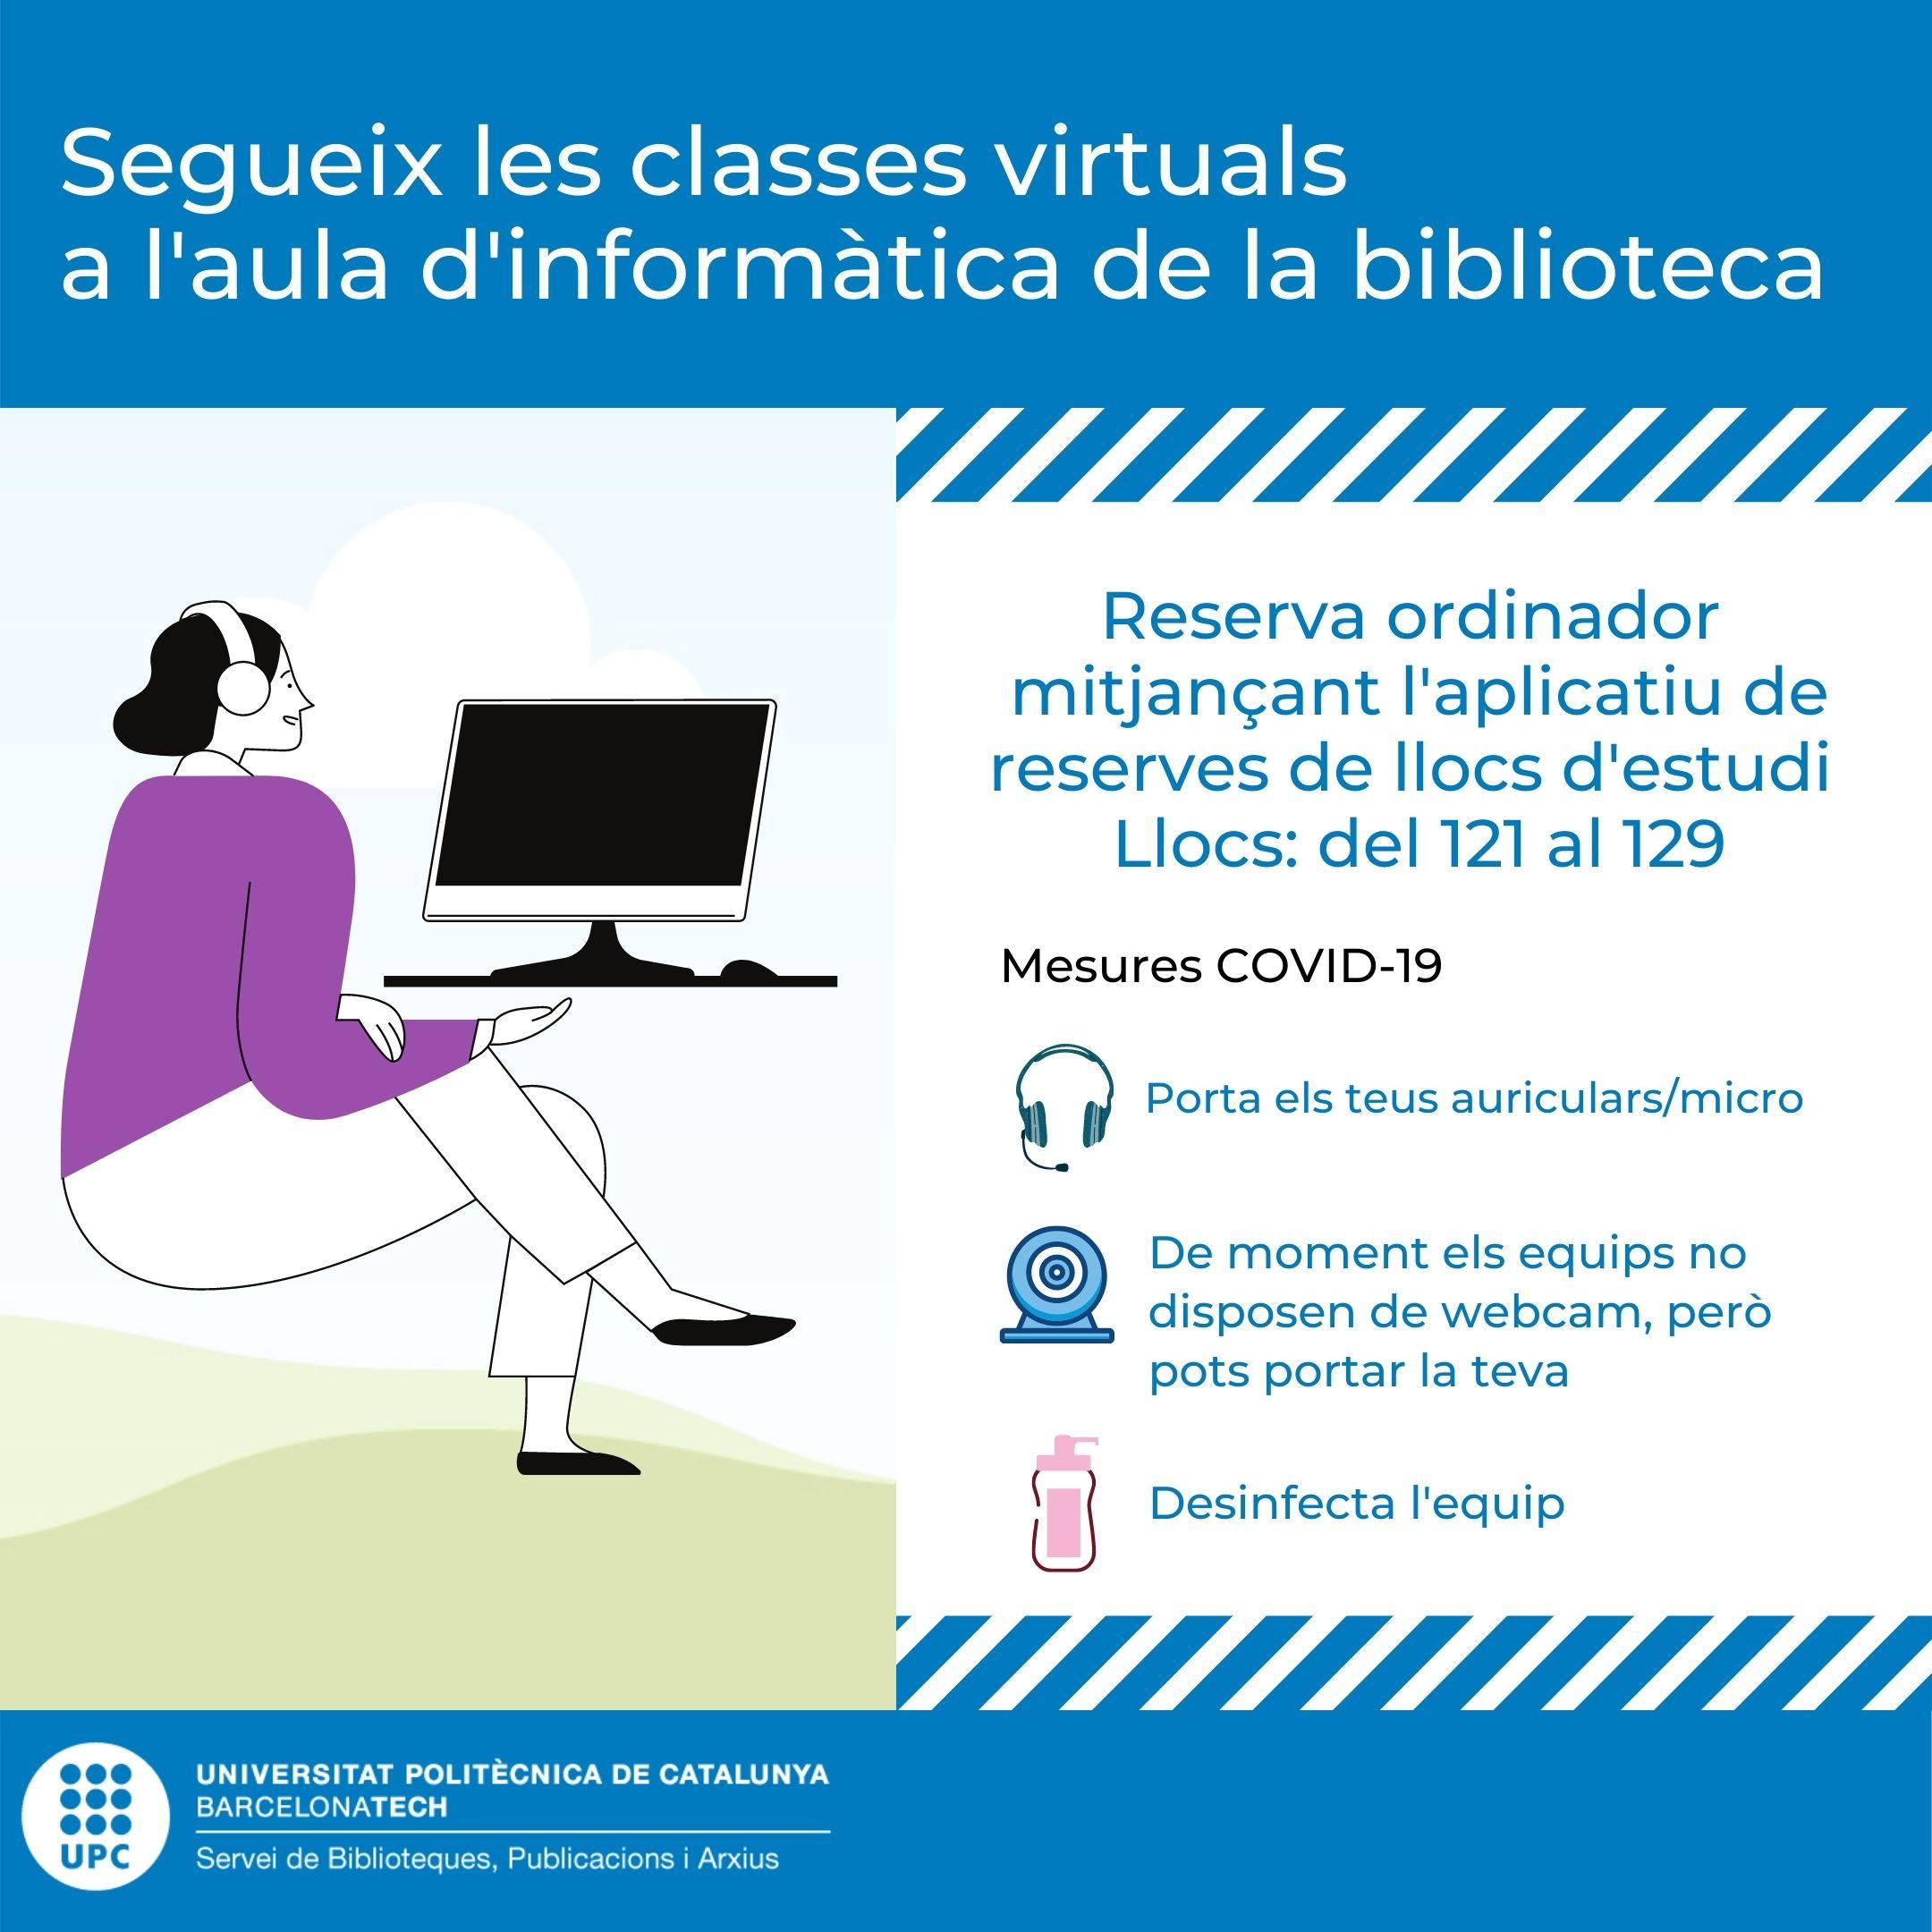 Segueix les classes virtuals a l'aula d'informàtica de la biblioteca